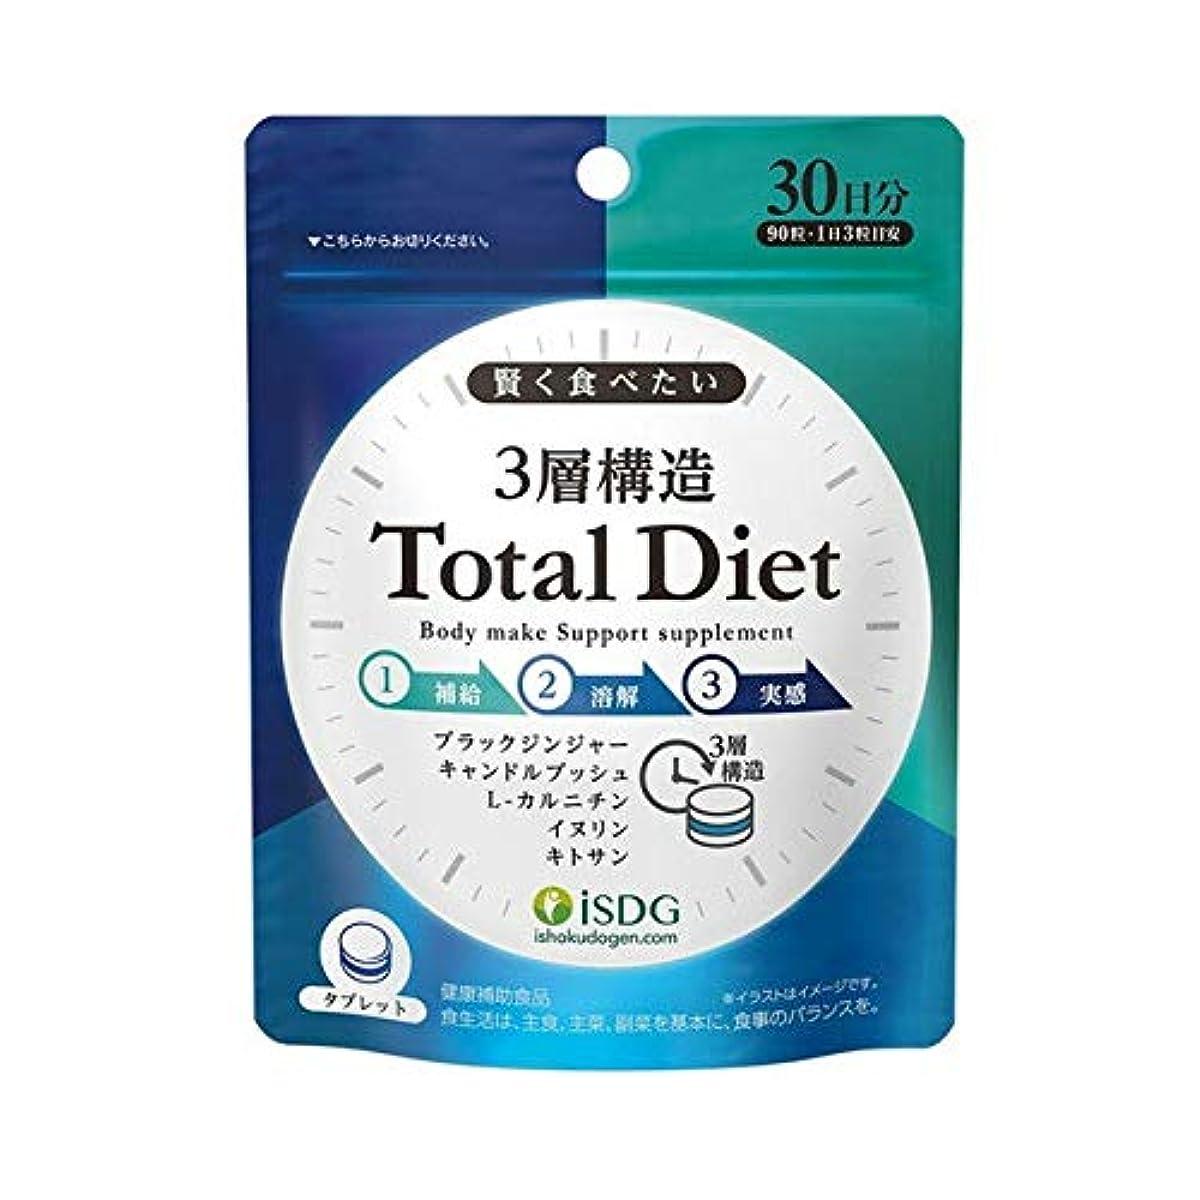 遠近法インサート確かめる医食同源ドットコム ISDG 3層構造 Total Diet 90粒入 トータル ダイエット×5個セット